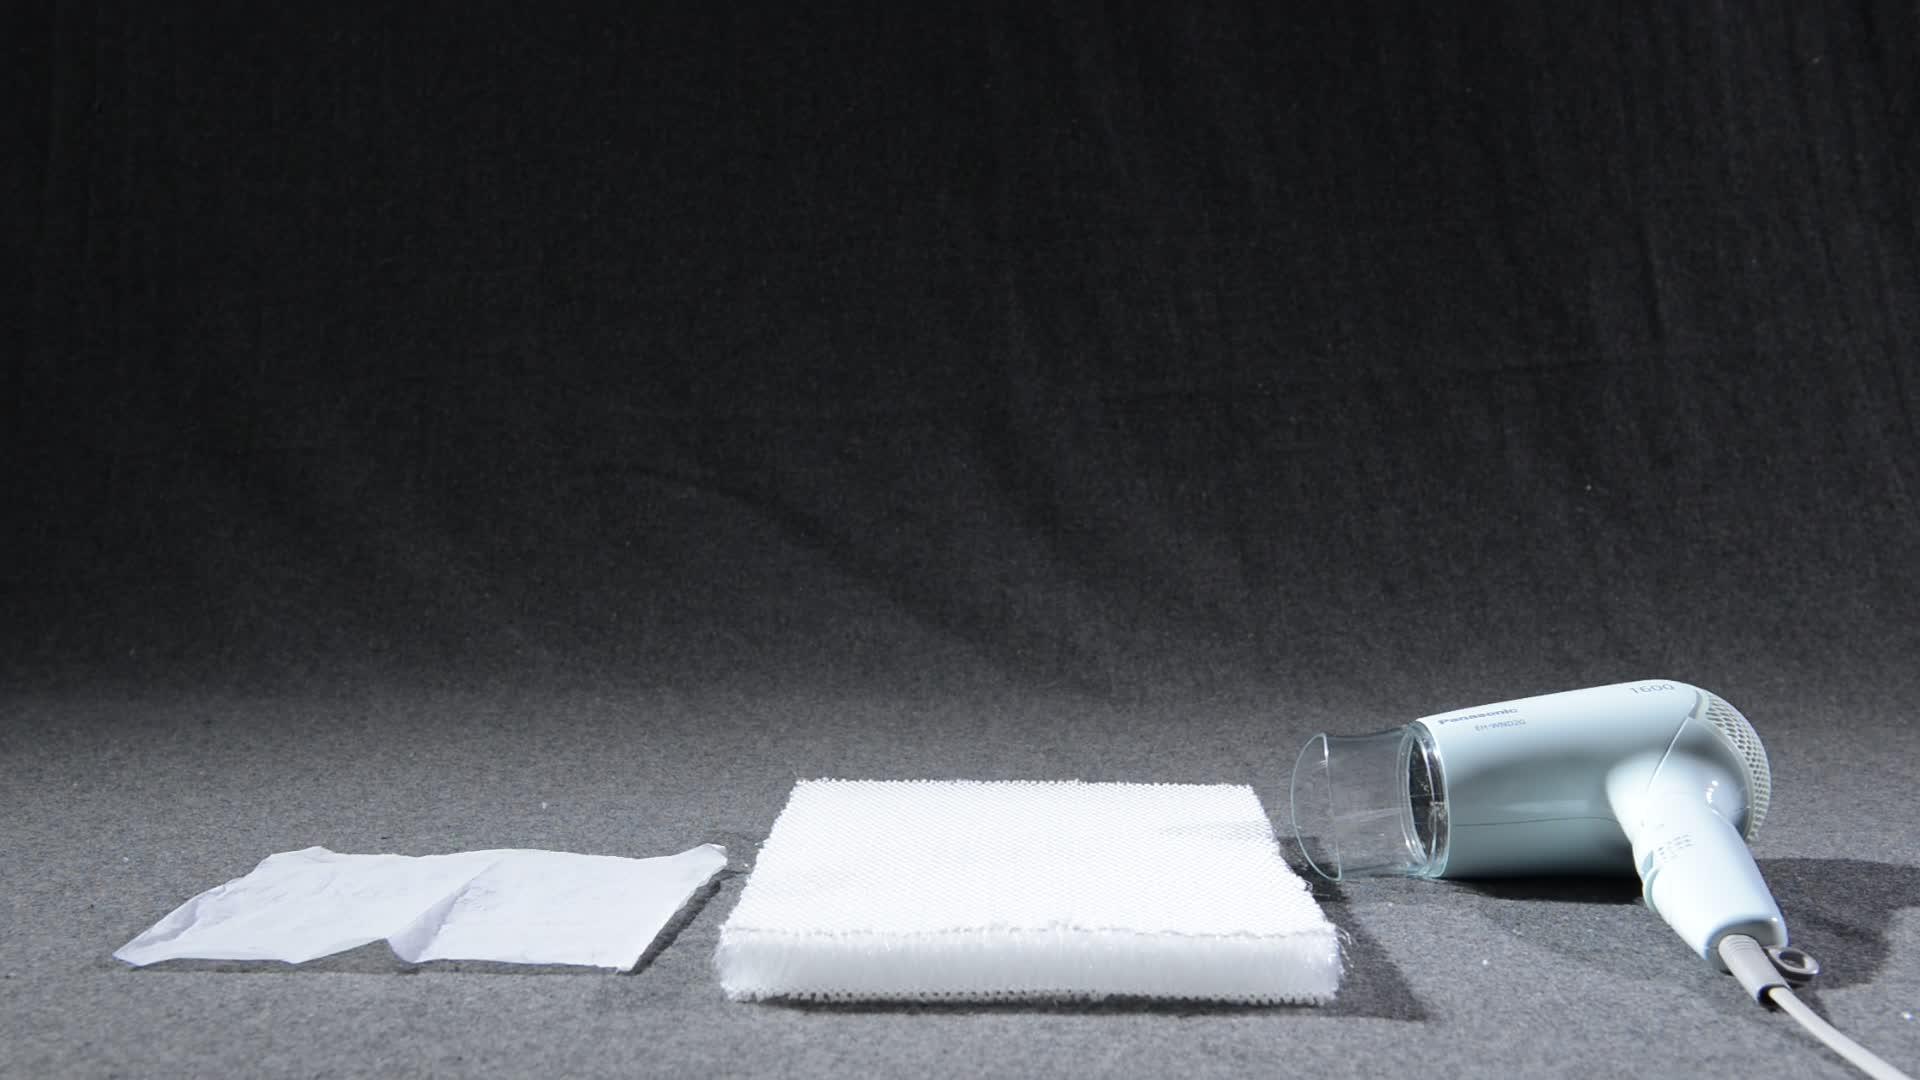 経編 3D 空気ポリエステルメッシュ生地マットレスマットカバーベビーヘッド整形枕カバー